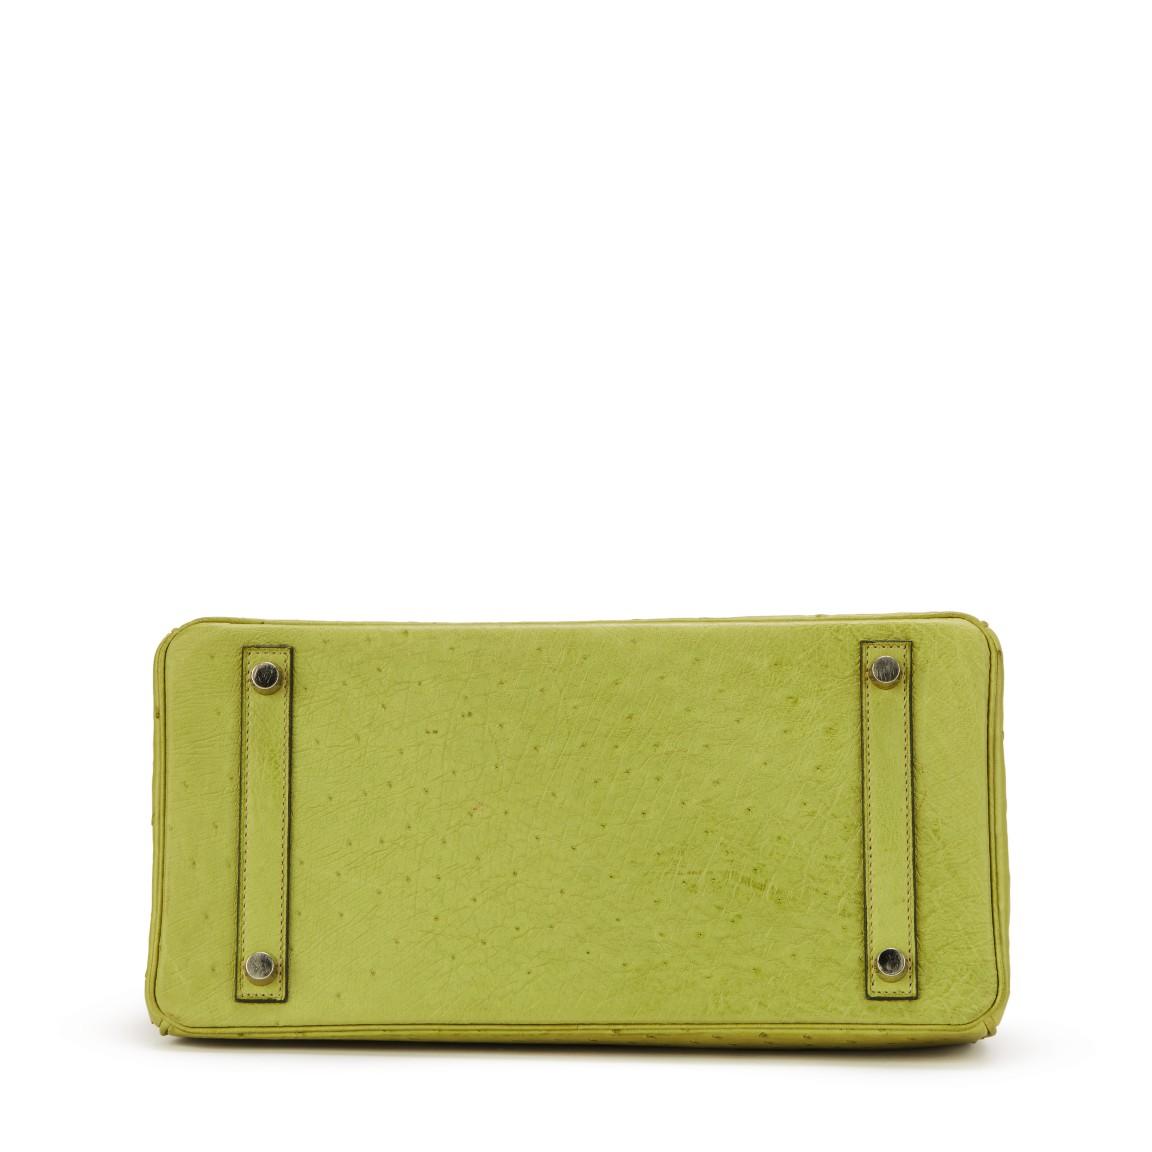 vert-anis-ostrich-birkin-30cm-palladium-hardware-1a54